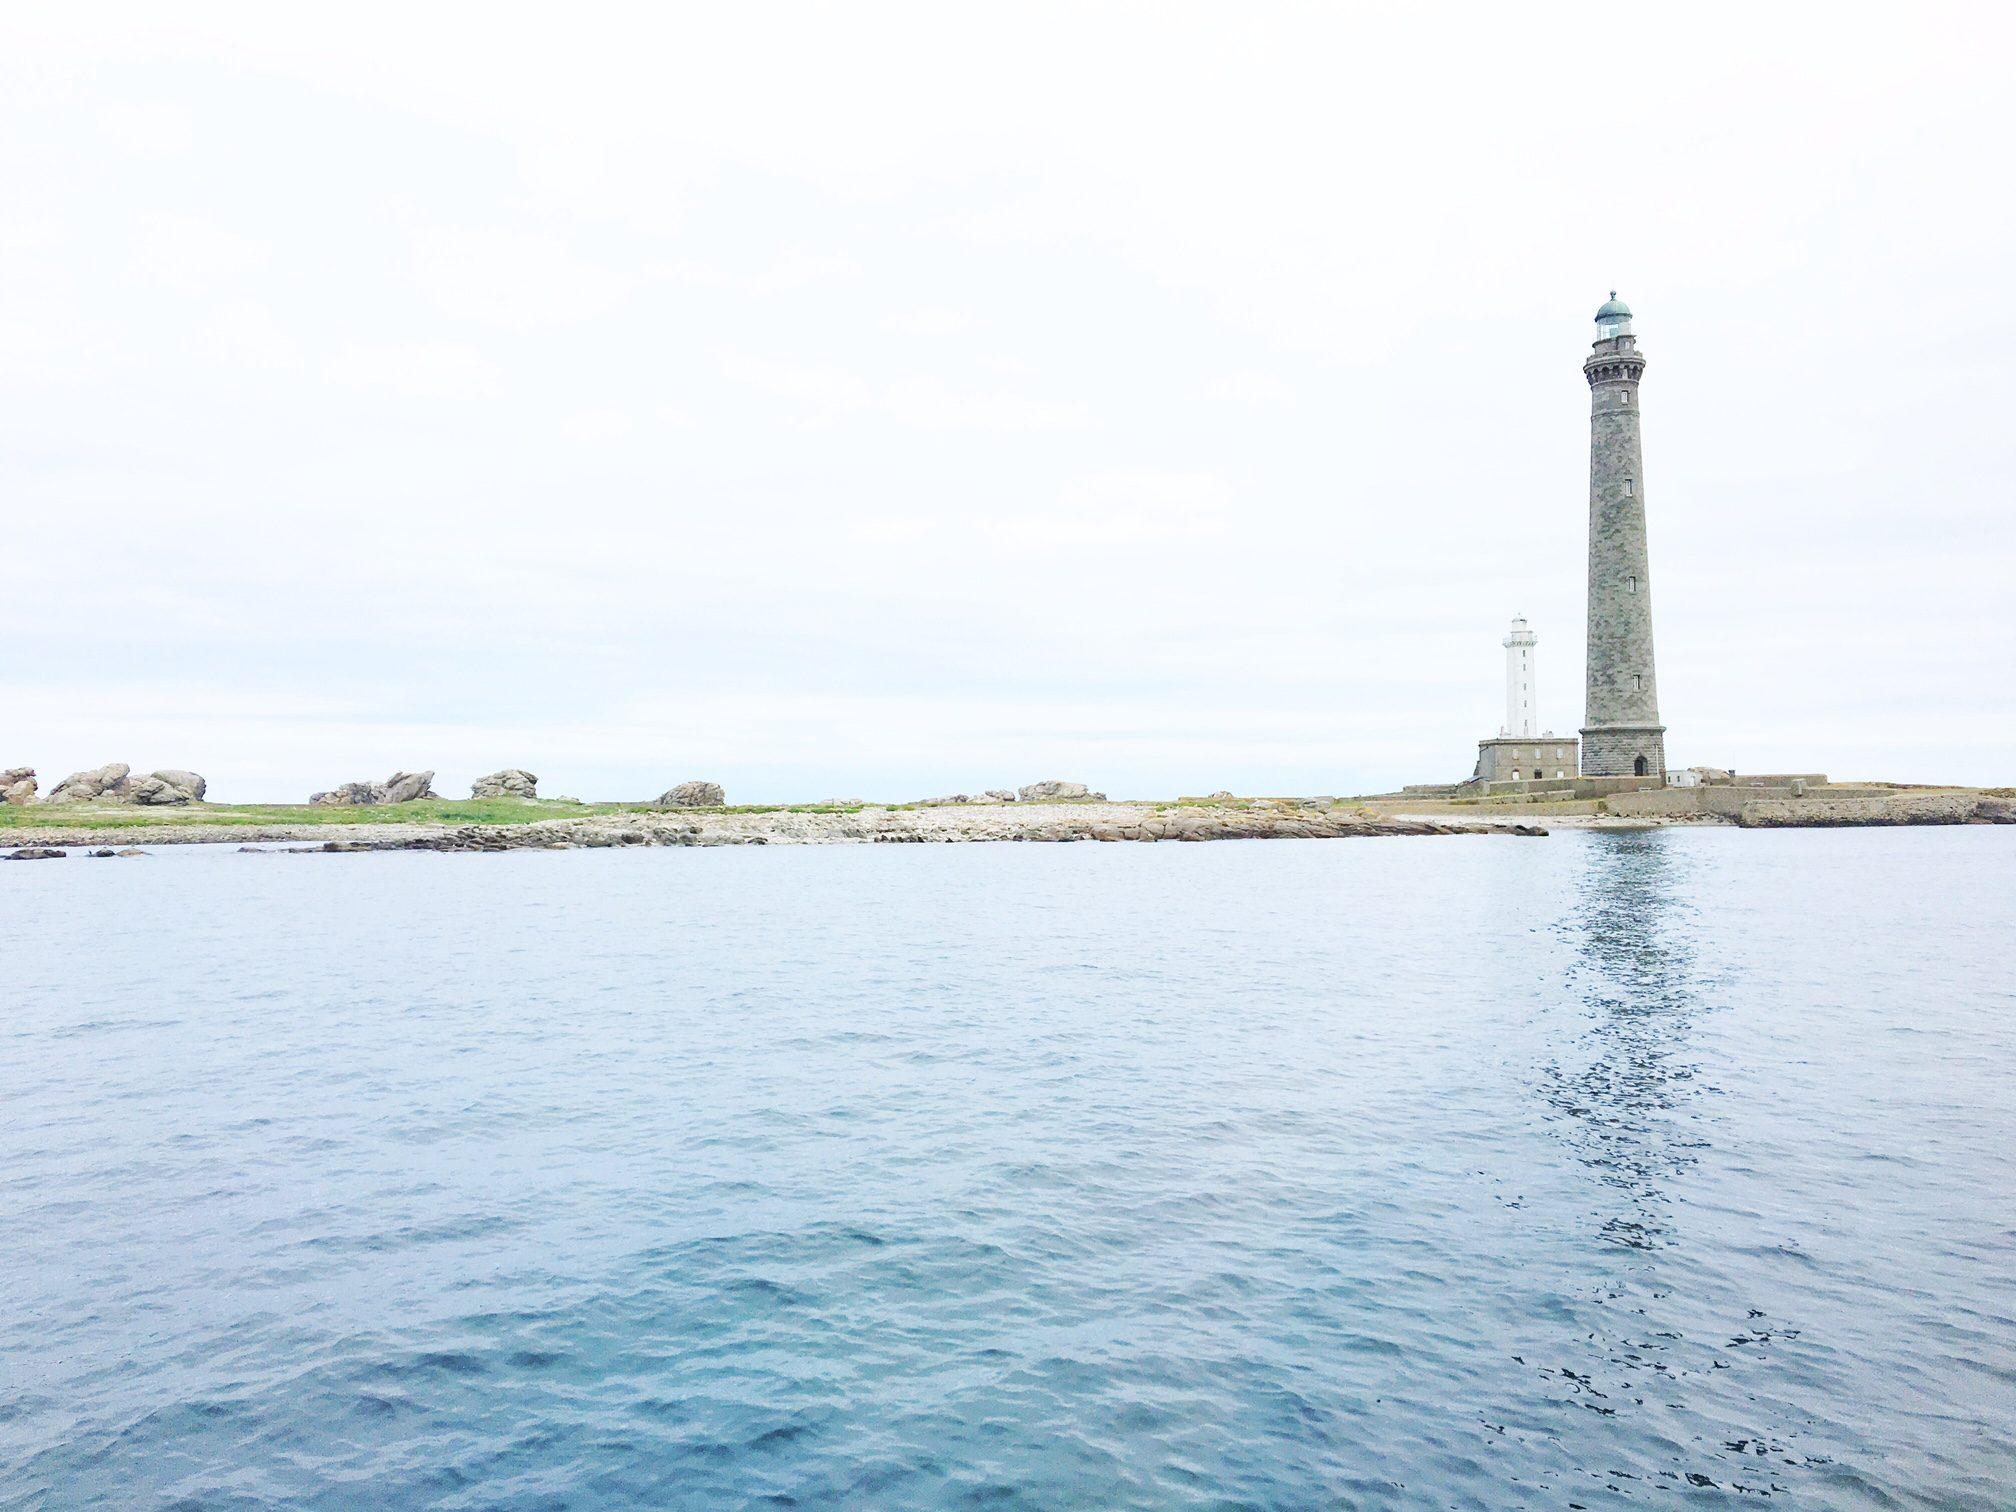 Faro isola vergine